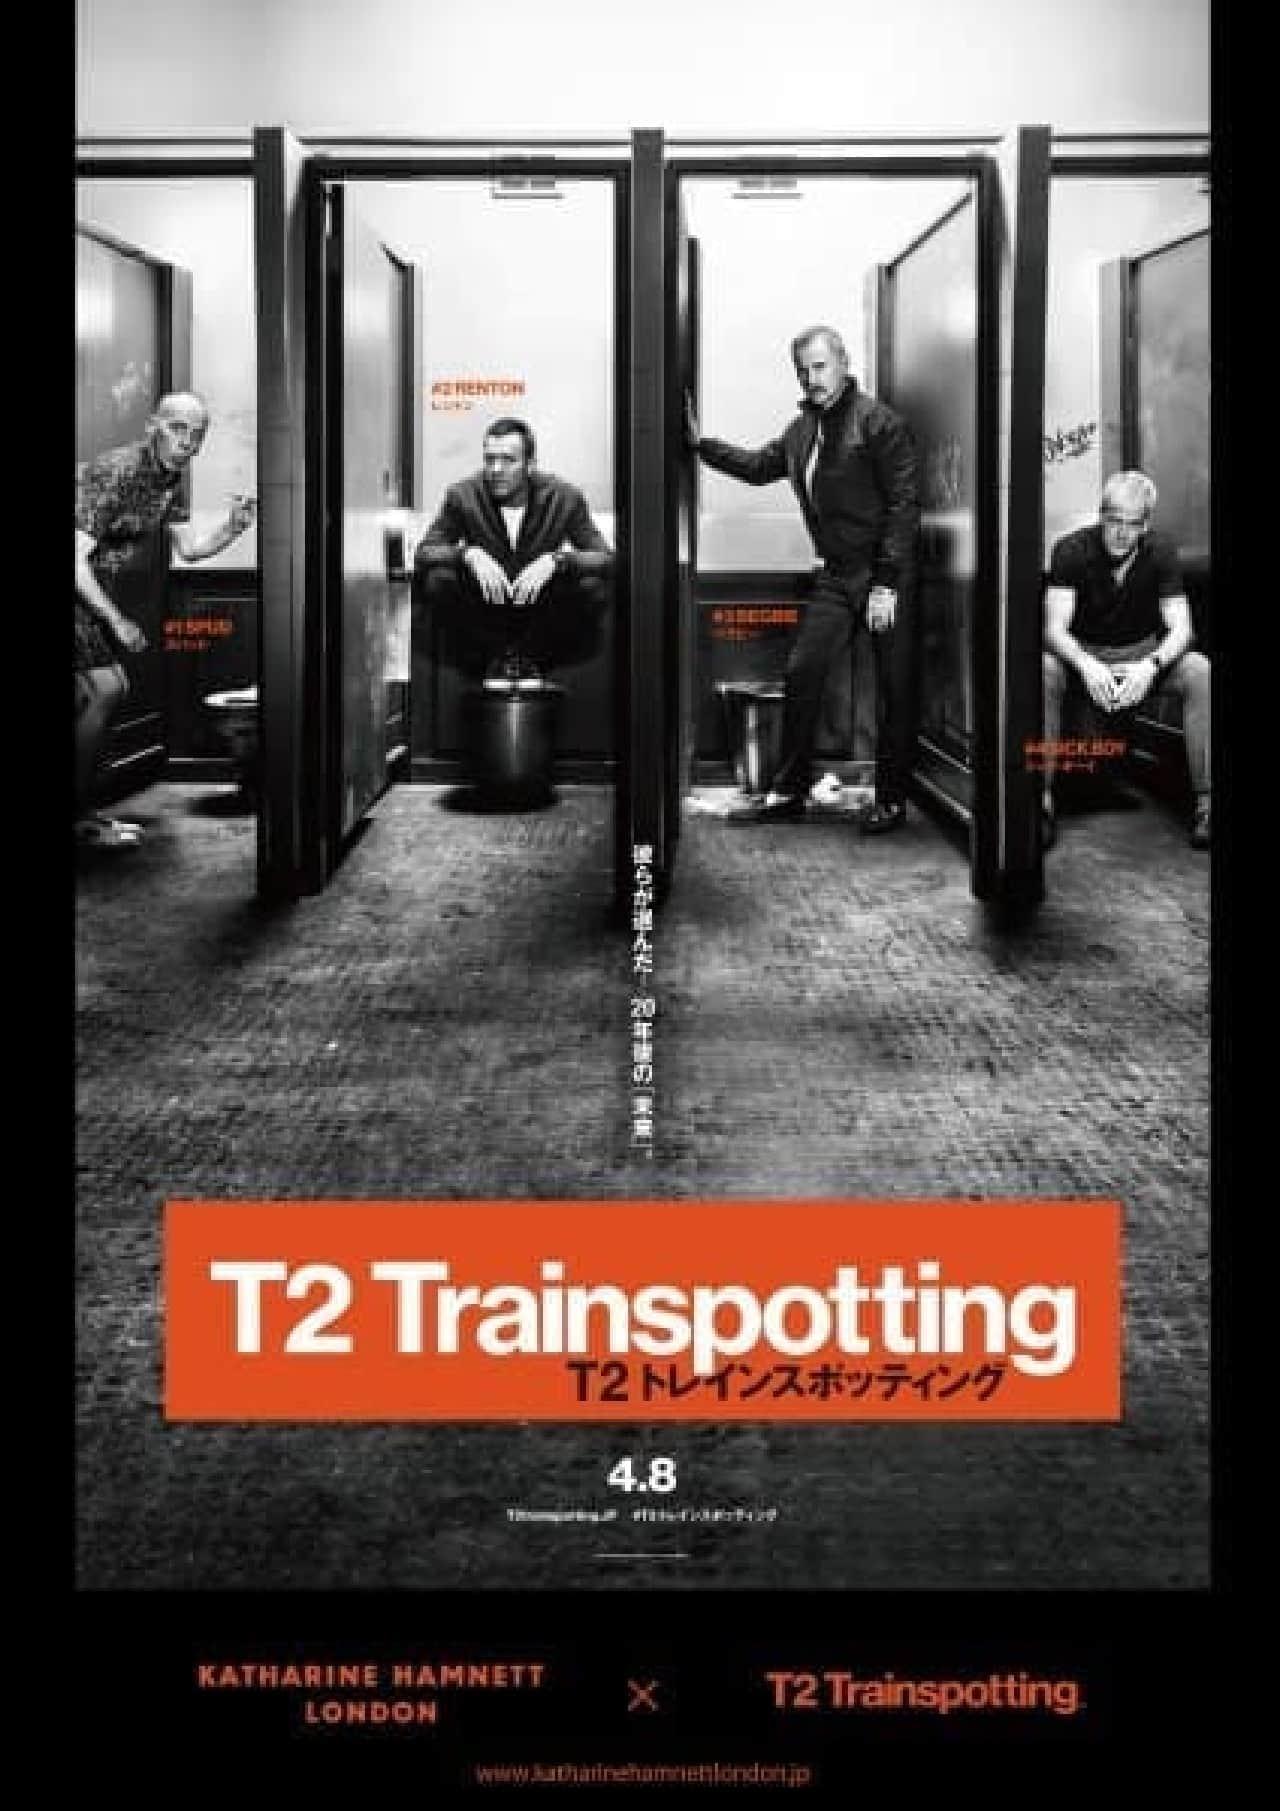 映画「T2トレインスポッティング」×KATHARINE HAMNETT LONDON